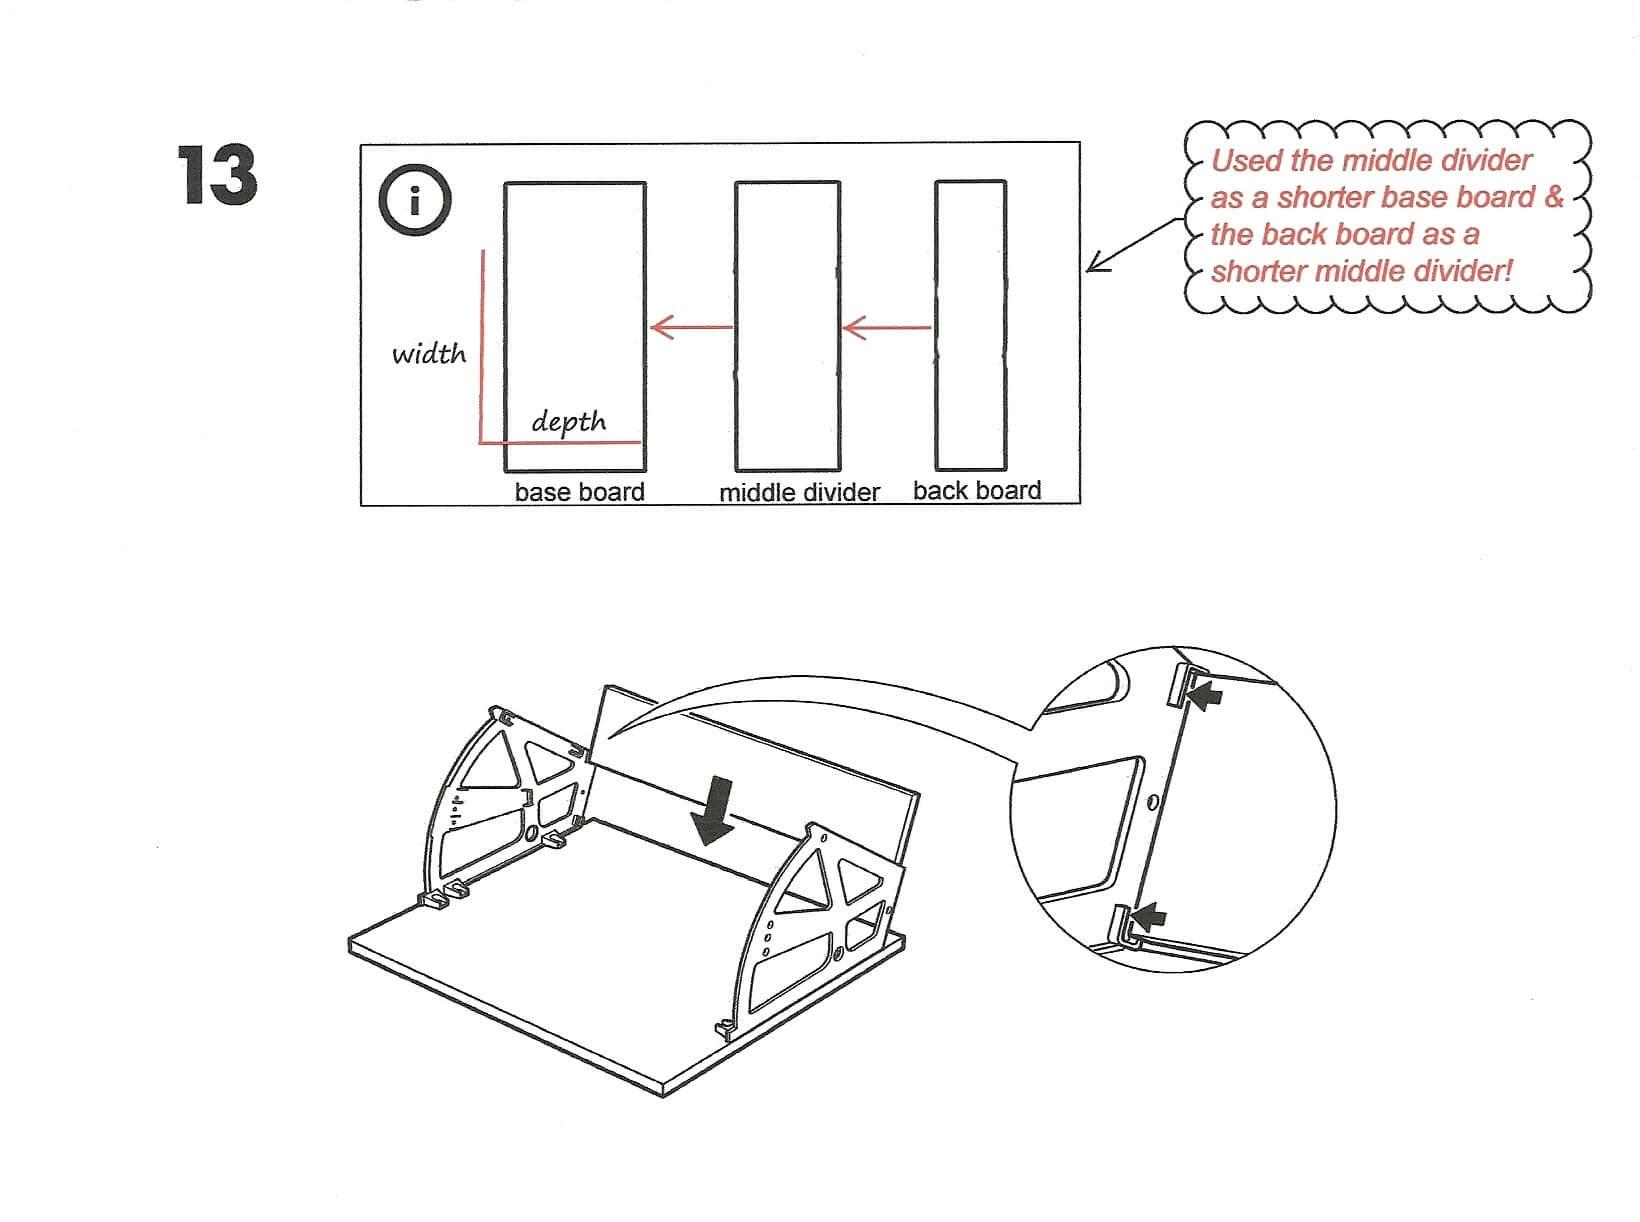 Ikea Bissa Hack by KBtP (2)